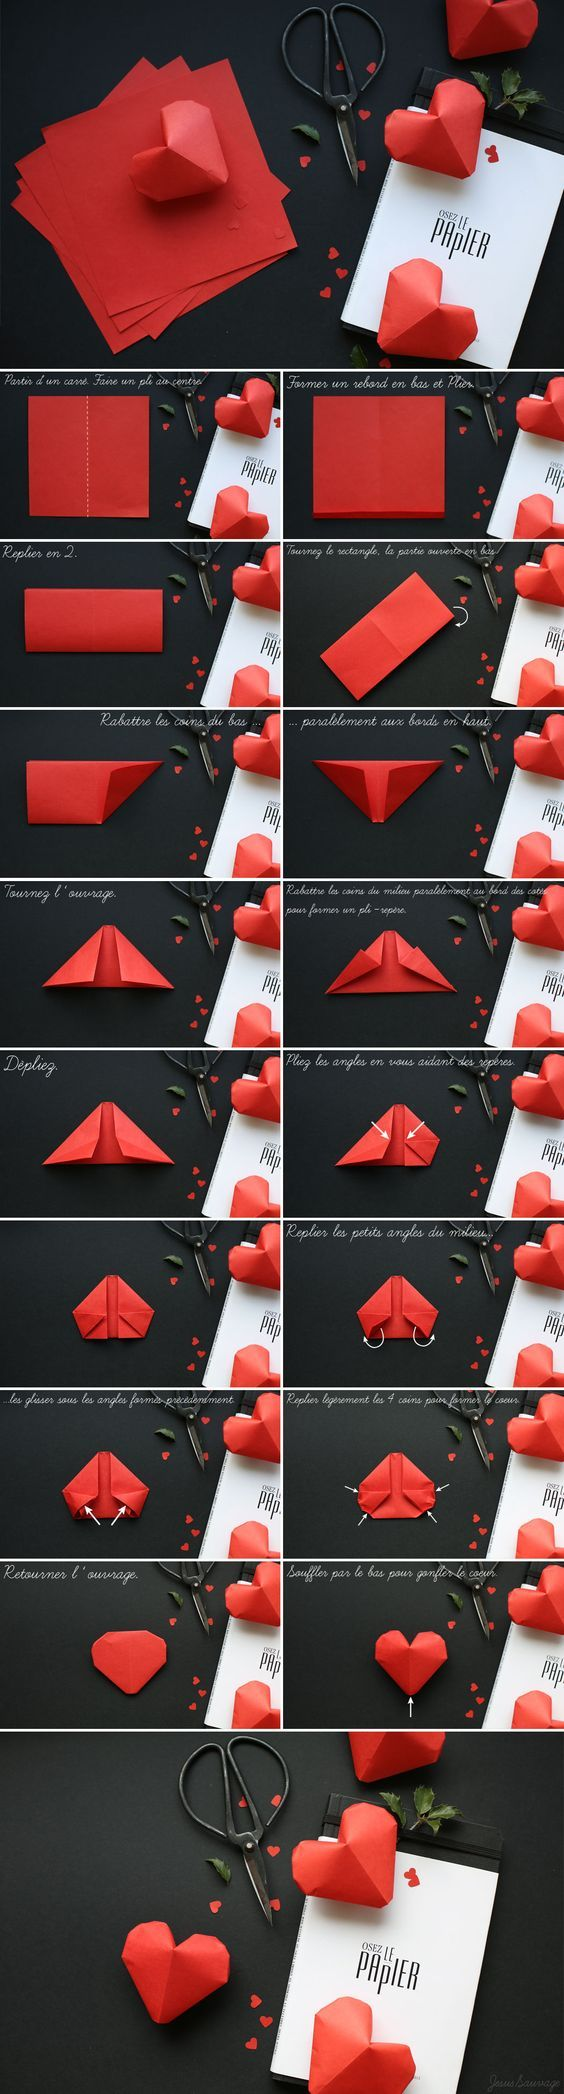 Für alle, die noch auf der Suche nach Ideen für die kreative Verpackung des Hochzeitsgeschenks sind: Anleitung für ein süßes DIY Origami Herz